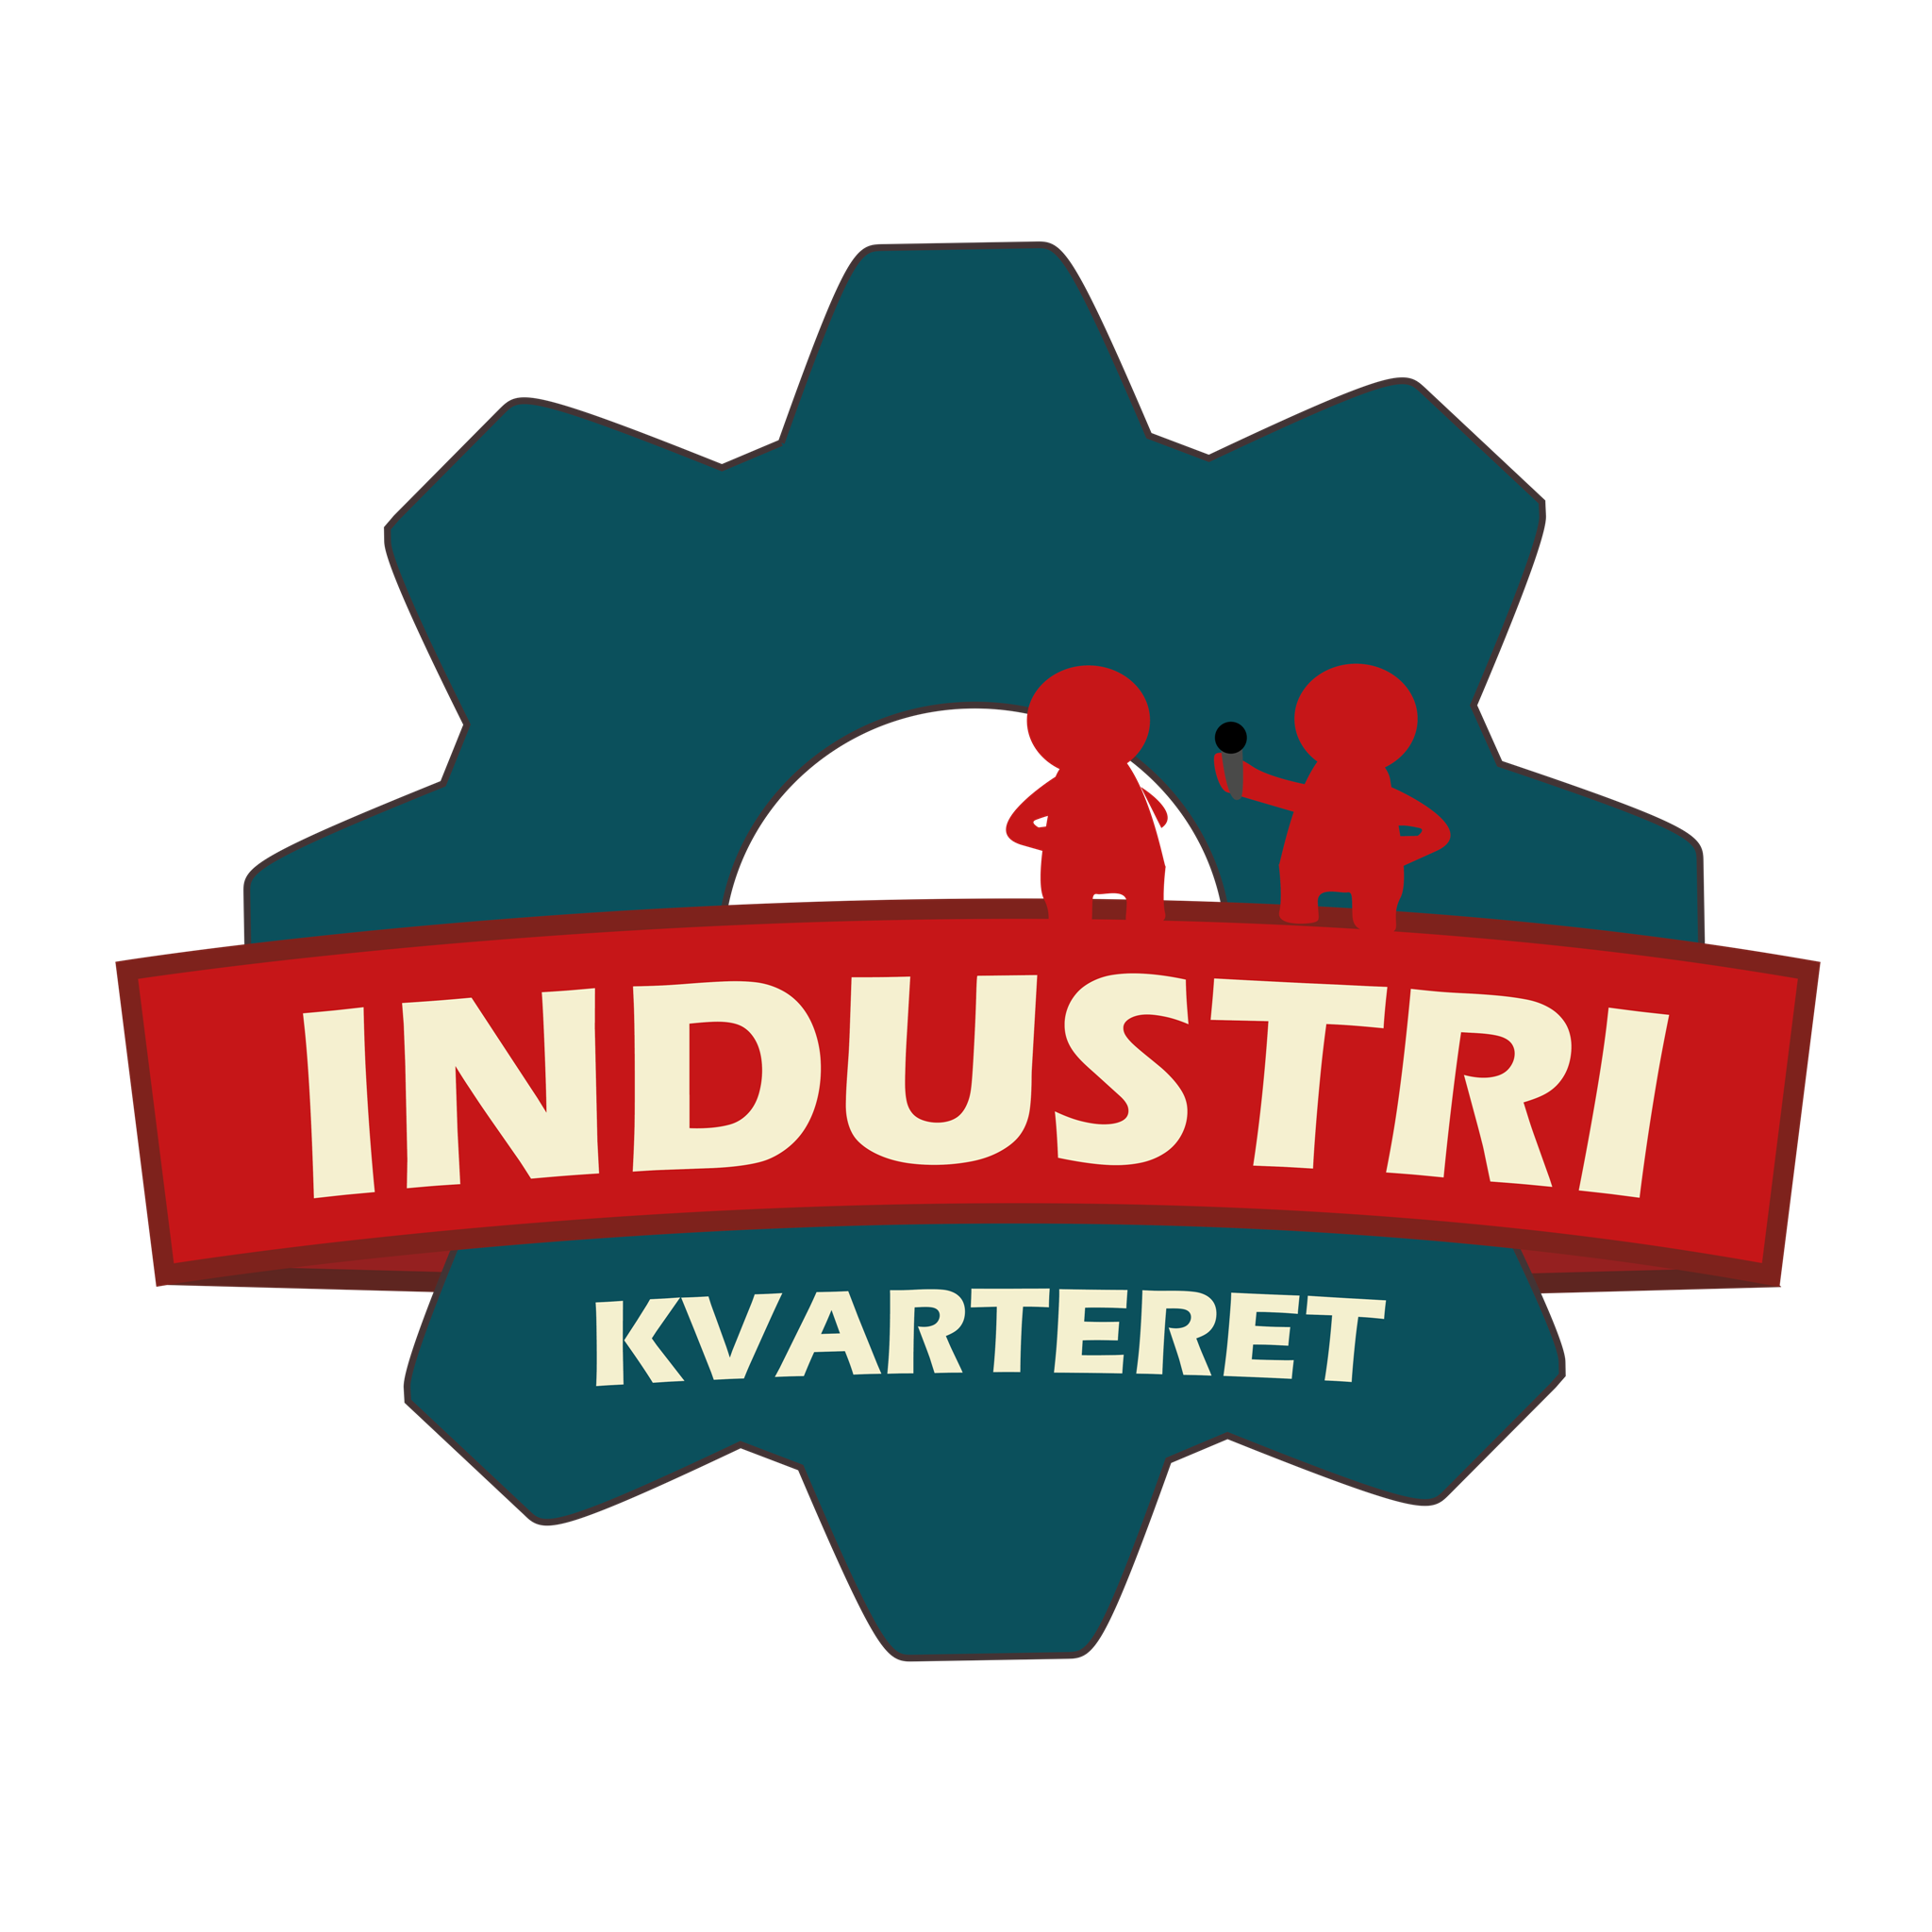 IndustriKvarteret